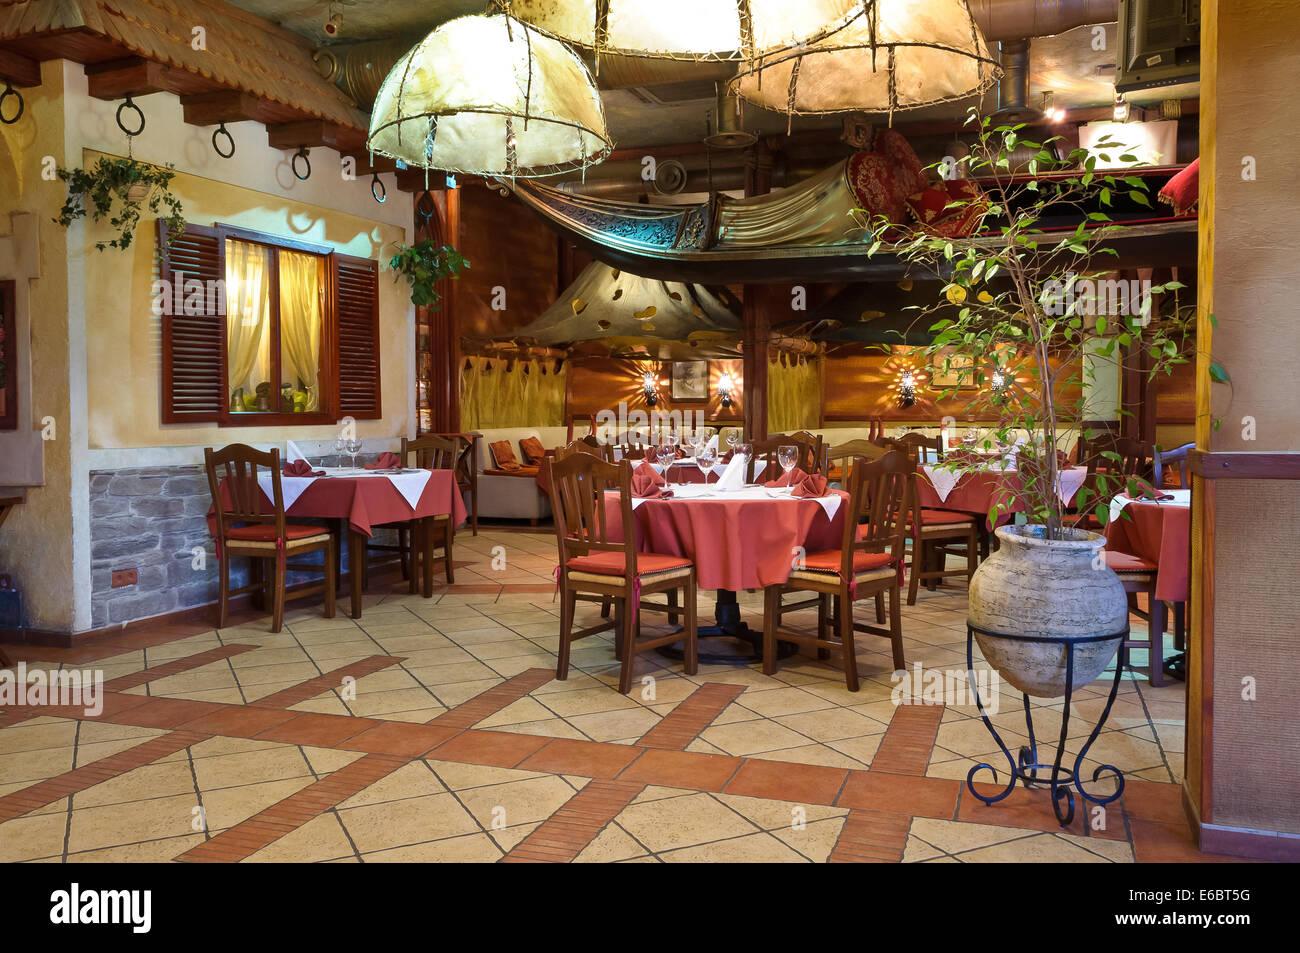 Buca Cafe Italiano Restaurant